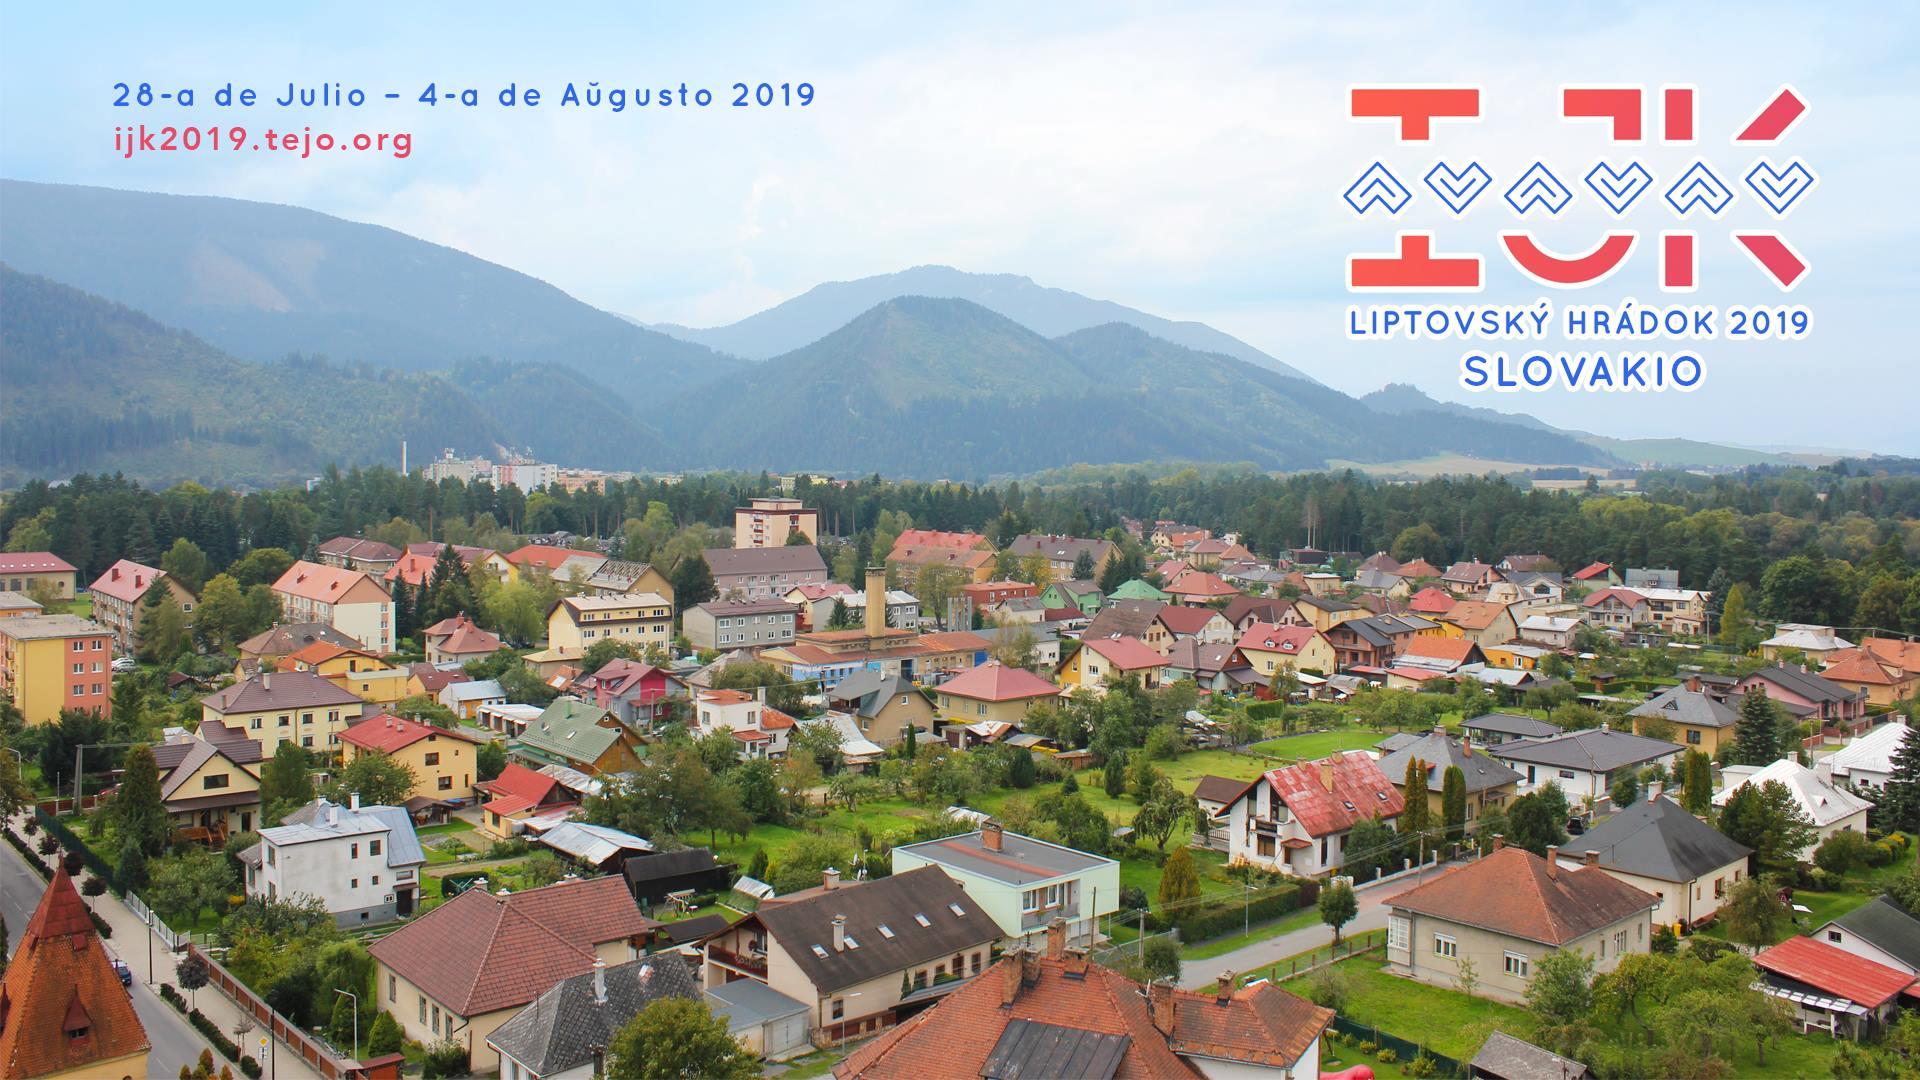 75ème Congrès International des Jeunes Espérantophones à Liptovský Hrádok (Slovaquie), du 28 juillet au 4 août 2019